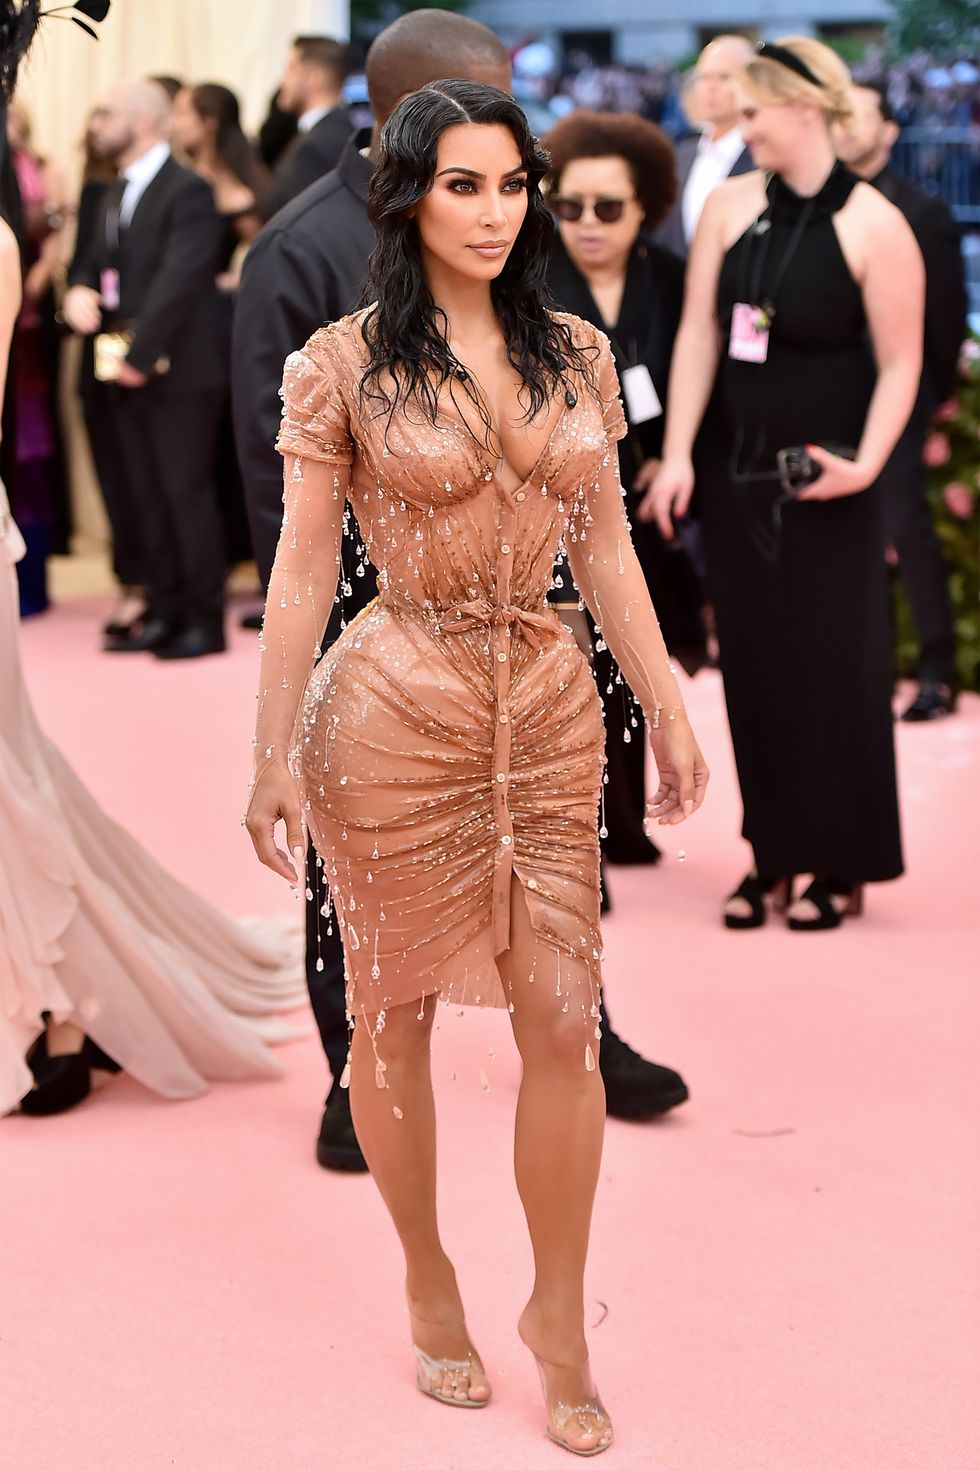 Kim Kardashian West - Getty Images